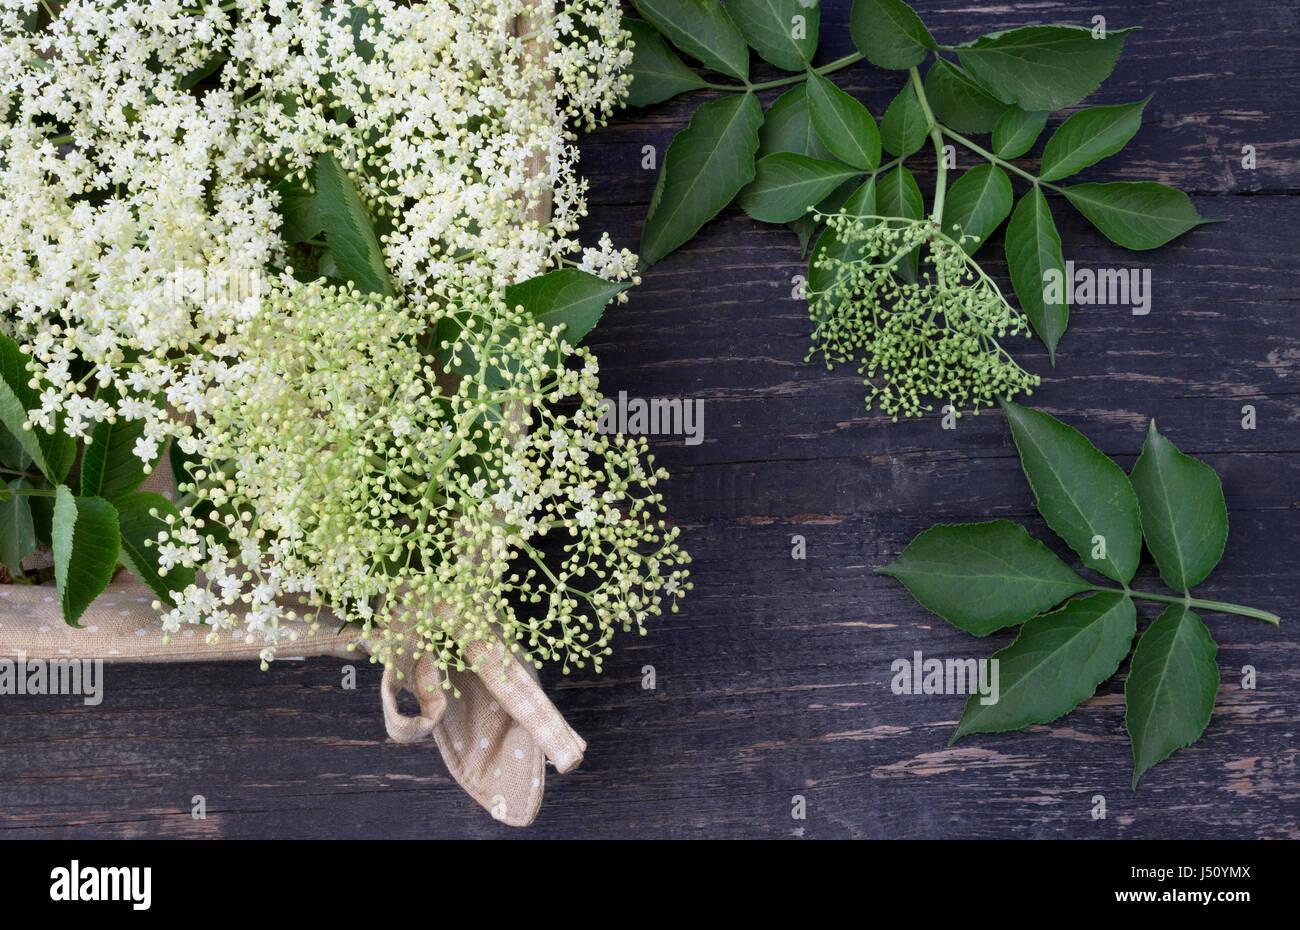 Elderflowers nel cestello sul tavolo scuro Immagini Stock